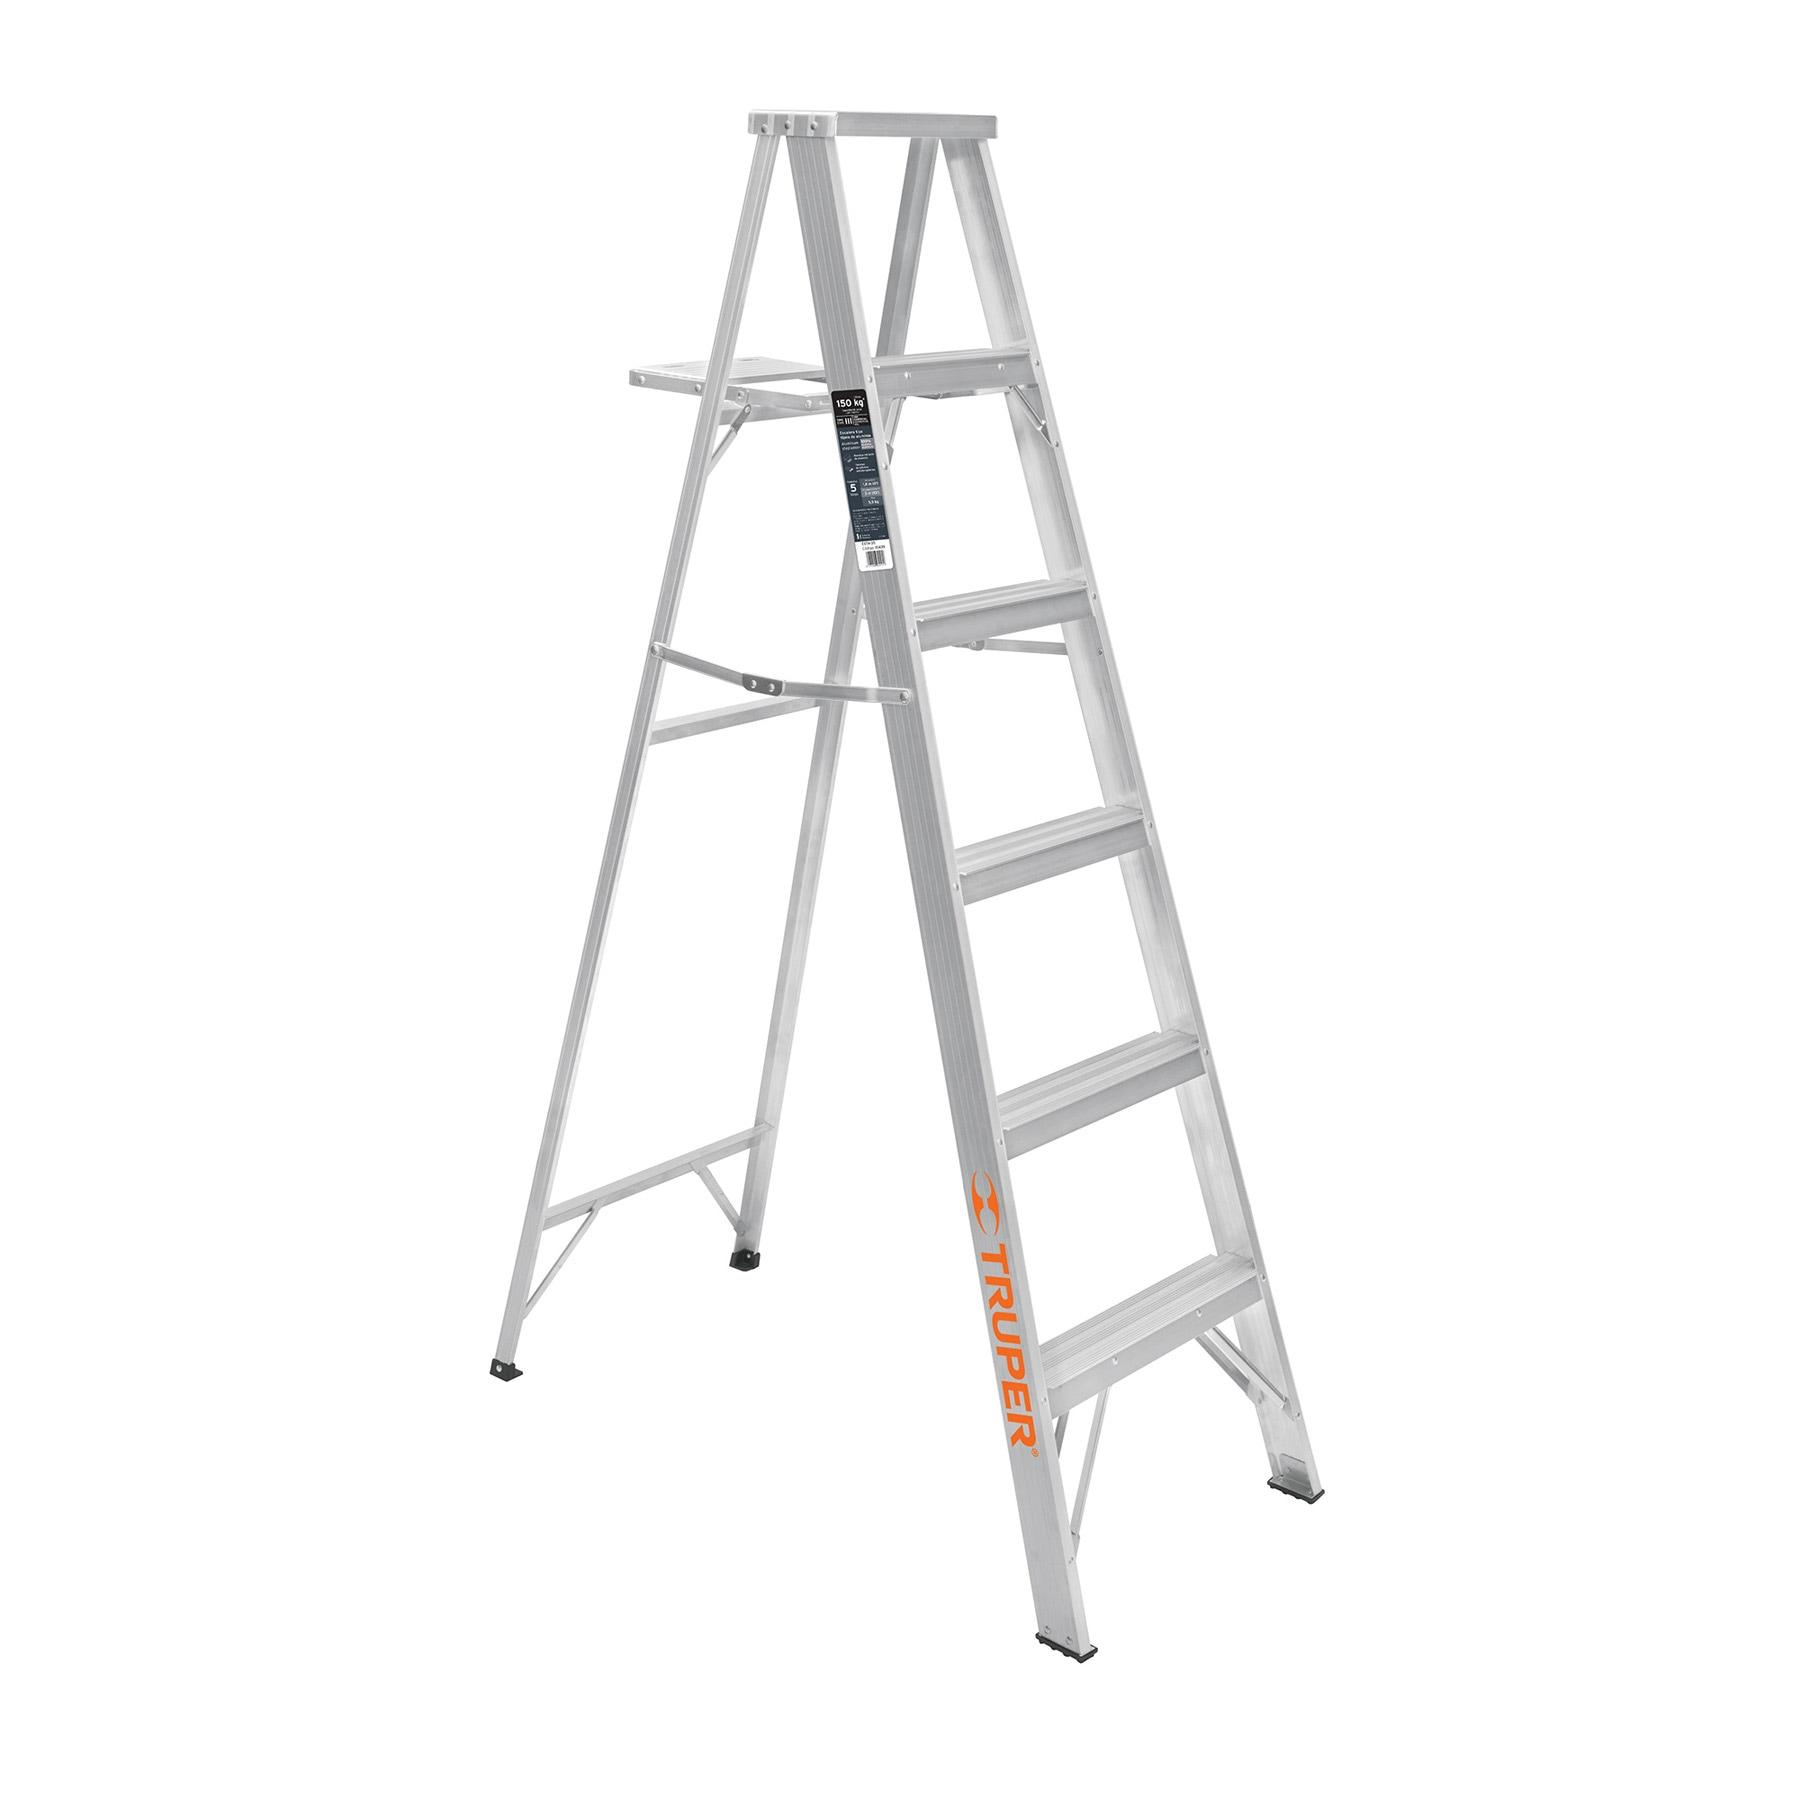 Escalera de tijera, aluminio, tipo lll, 5 escalones